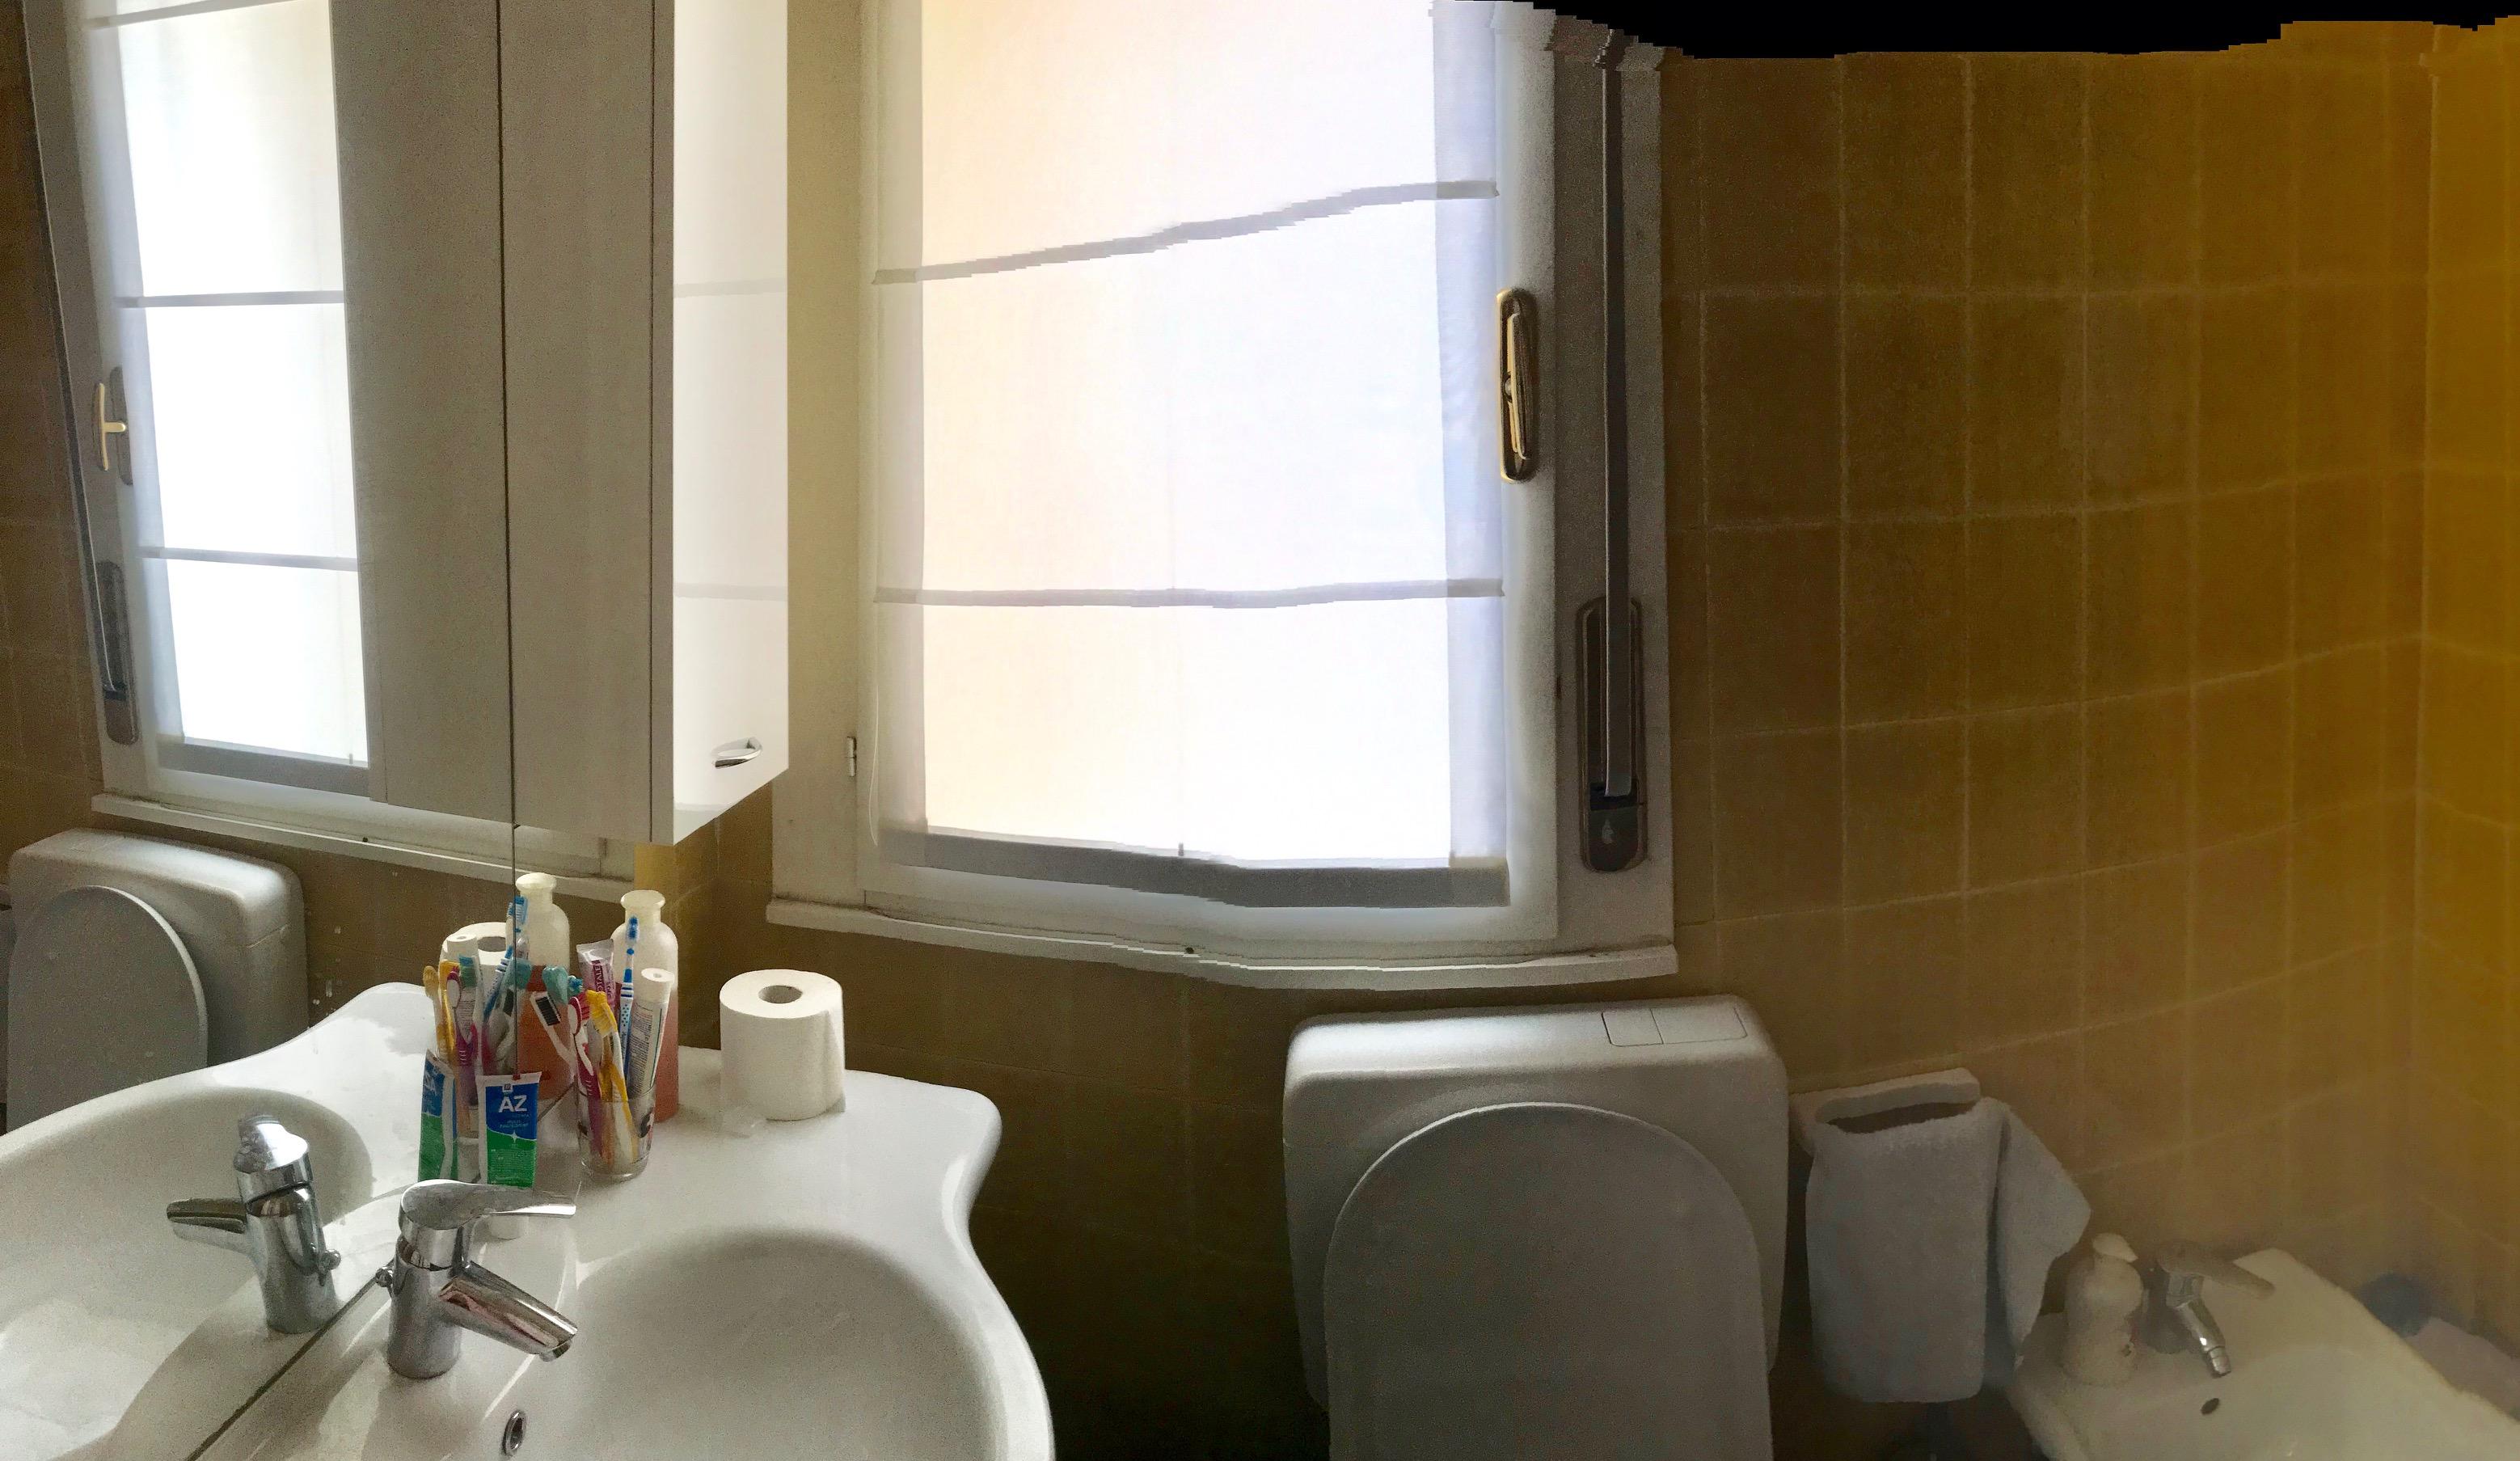 Bagno Senza Bidet Normativa bagno piano 2 con doccia, lavello, bidet e wc - sun